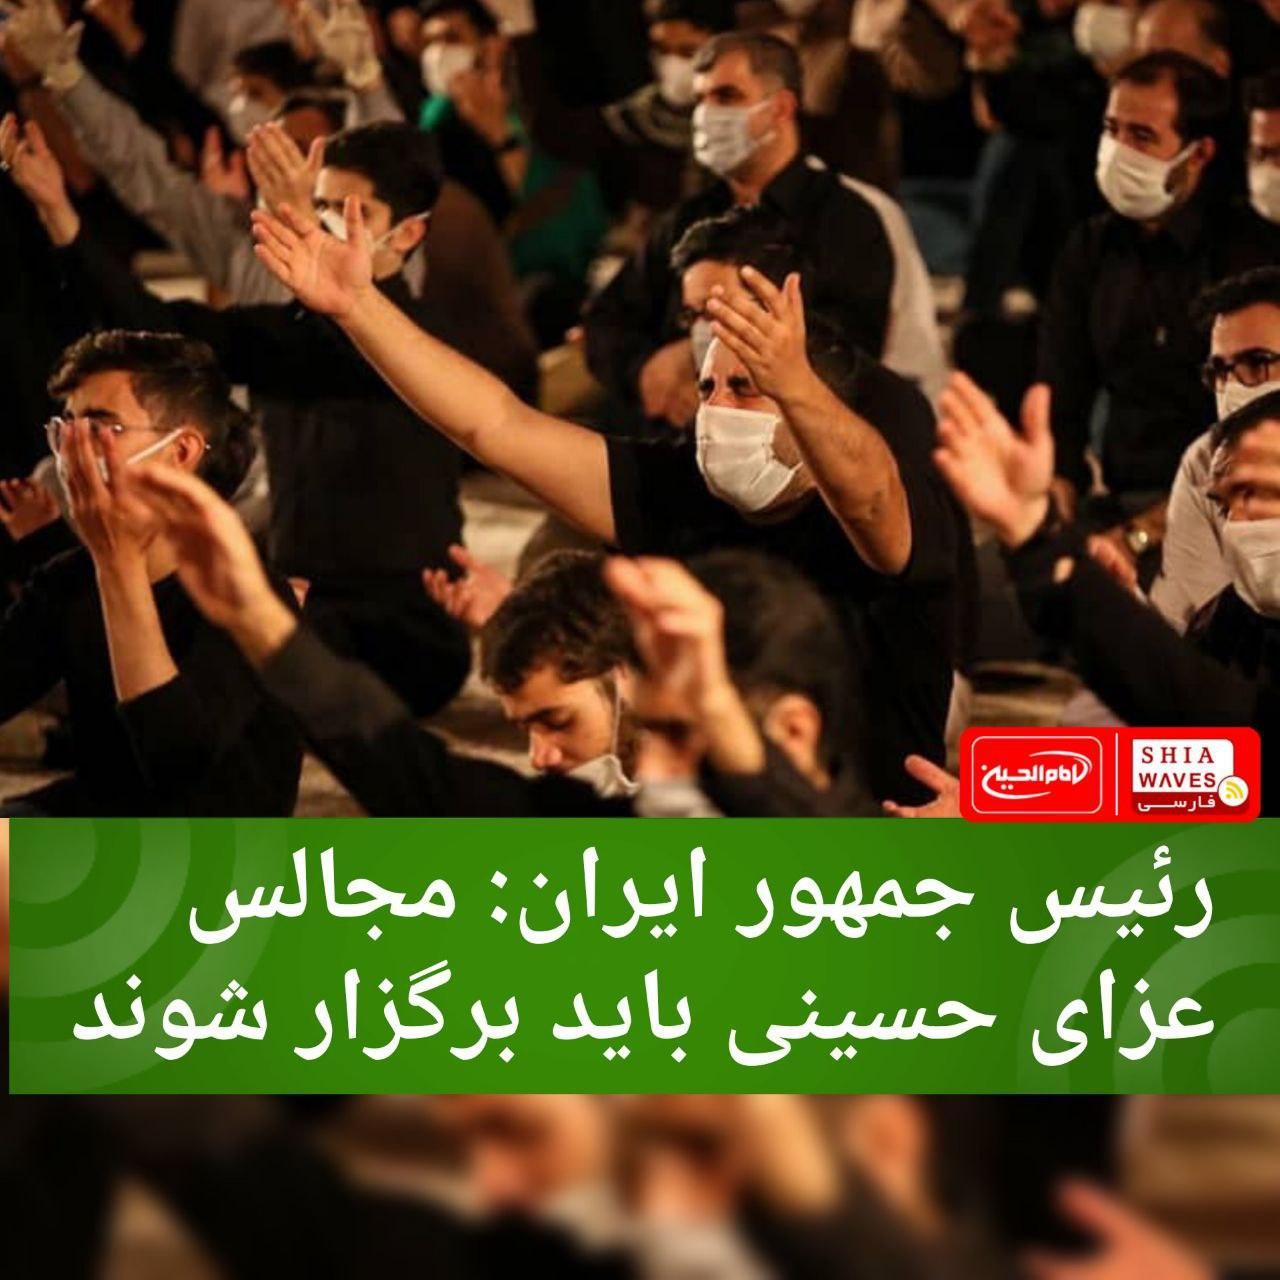 تصویر رئیس جمهور ایران: مجالس عزای حسینی باید برگزار شوند